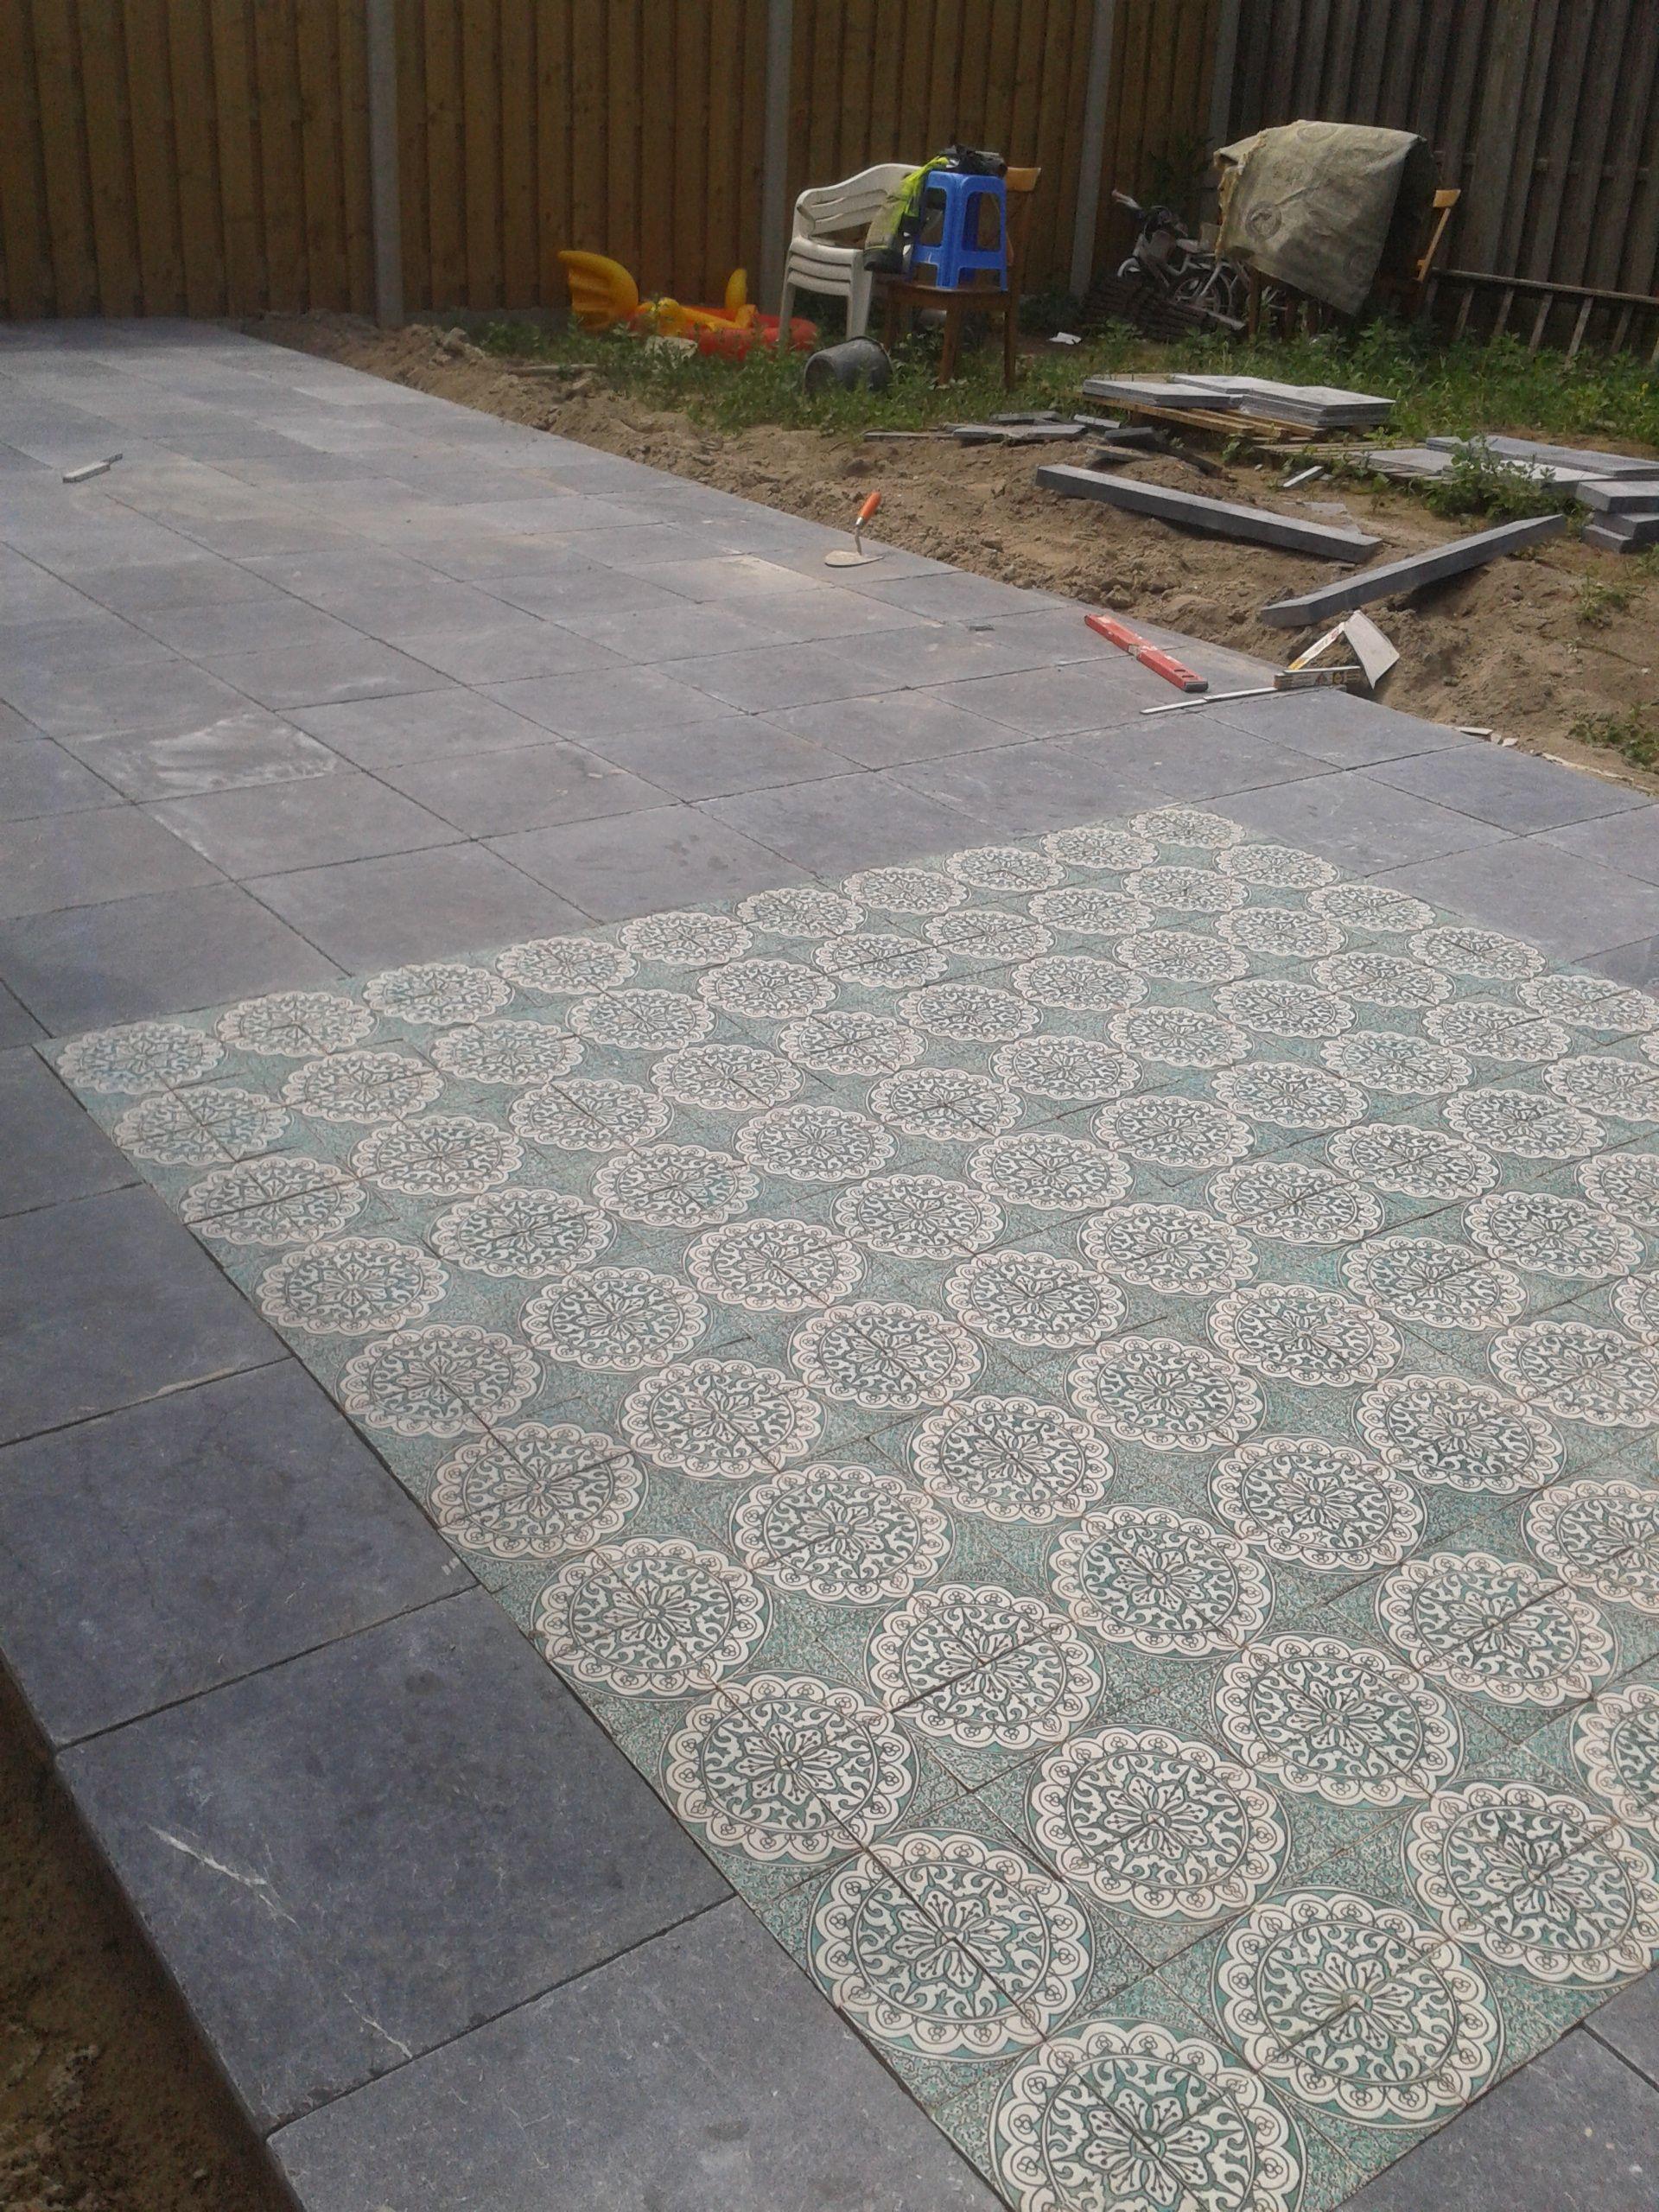 Marokkaanse Tegels Tuin.Terras Met Marokkaanse Tegels In Verwerkt Tuin Marokkaanse Tuin